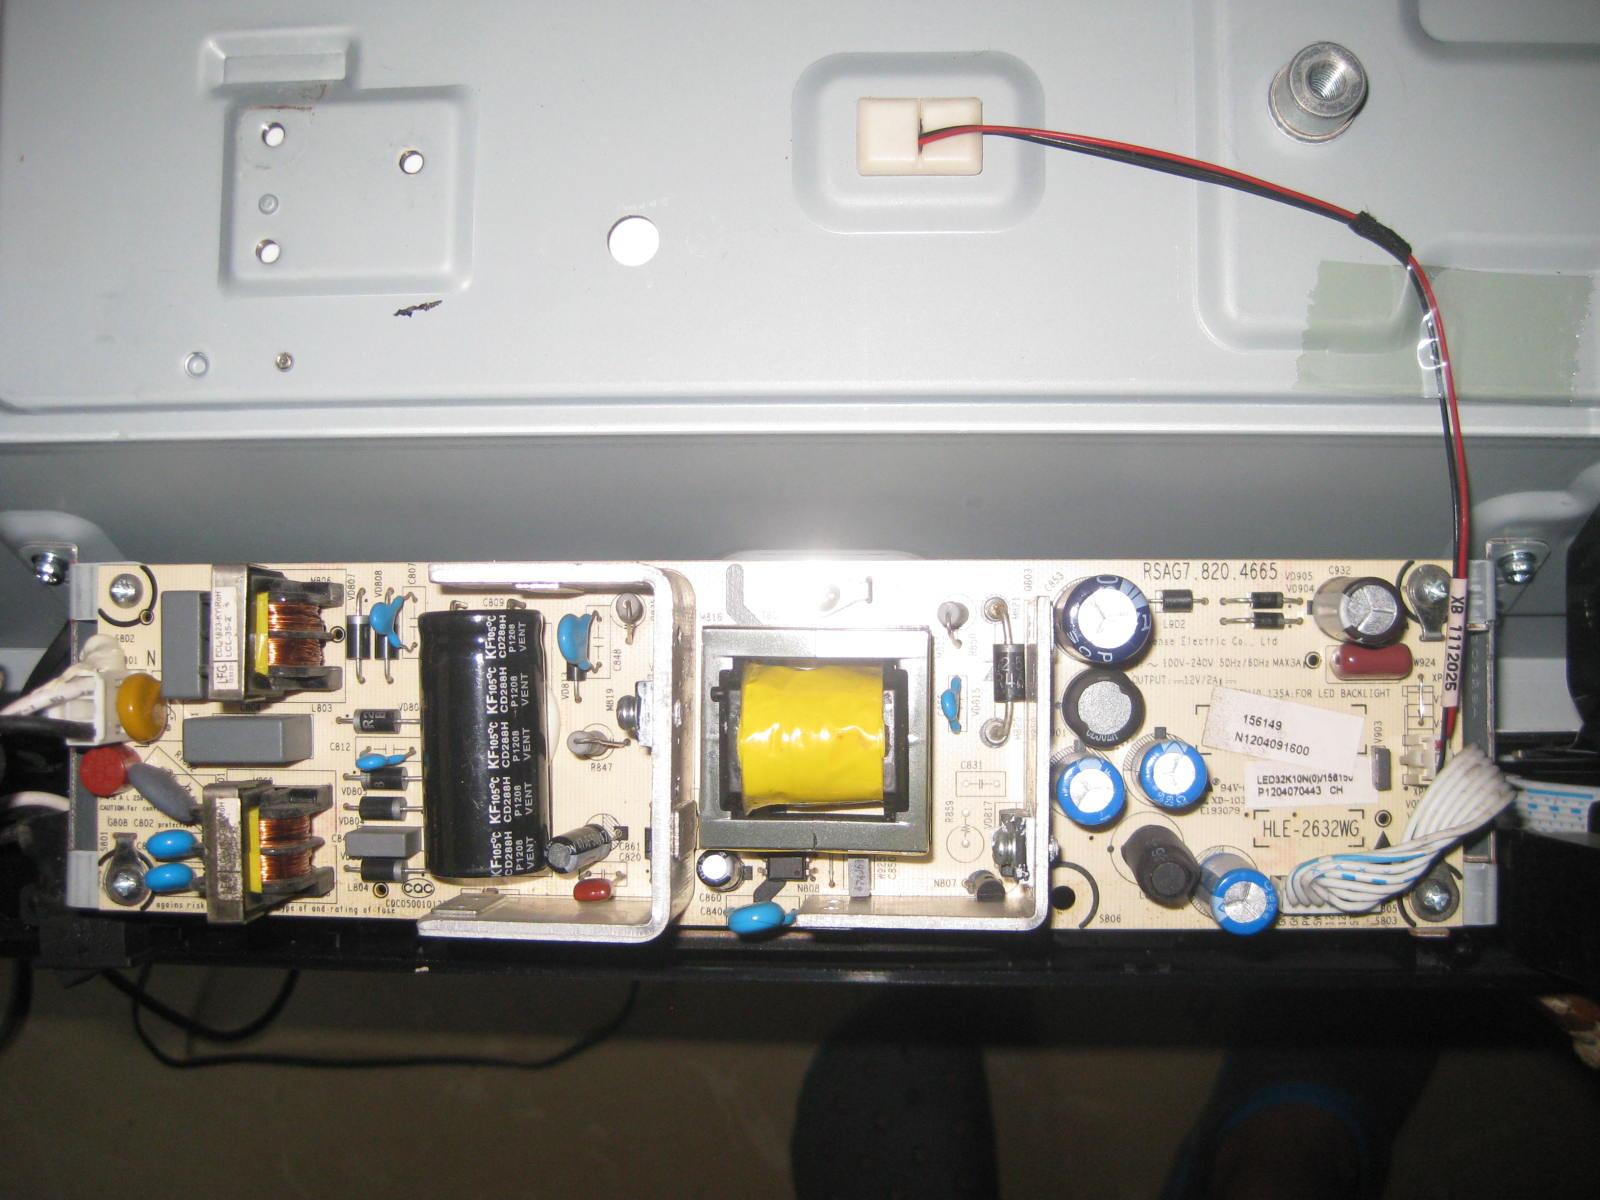 LED32K10NLED32K10J Power Board RSAG7.820.4665 hisense - LCD - TV